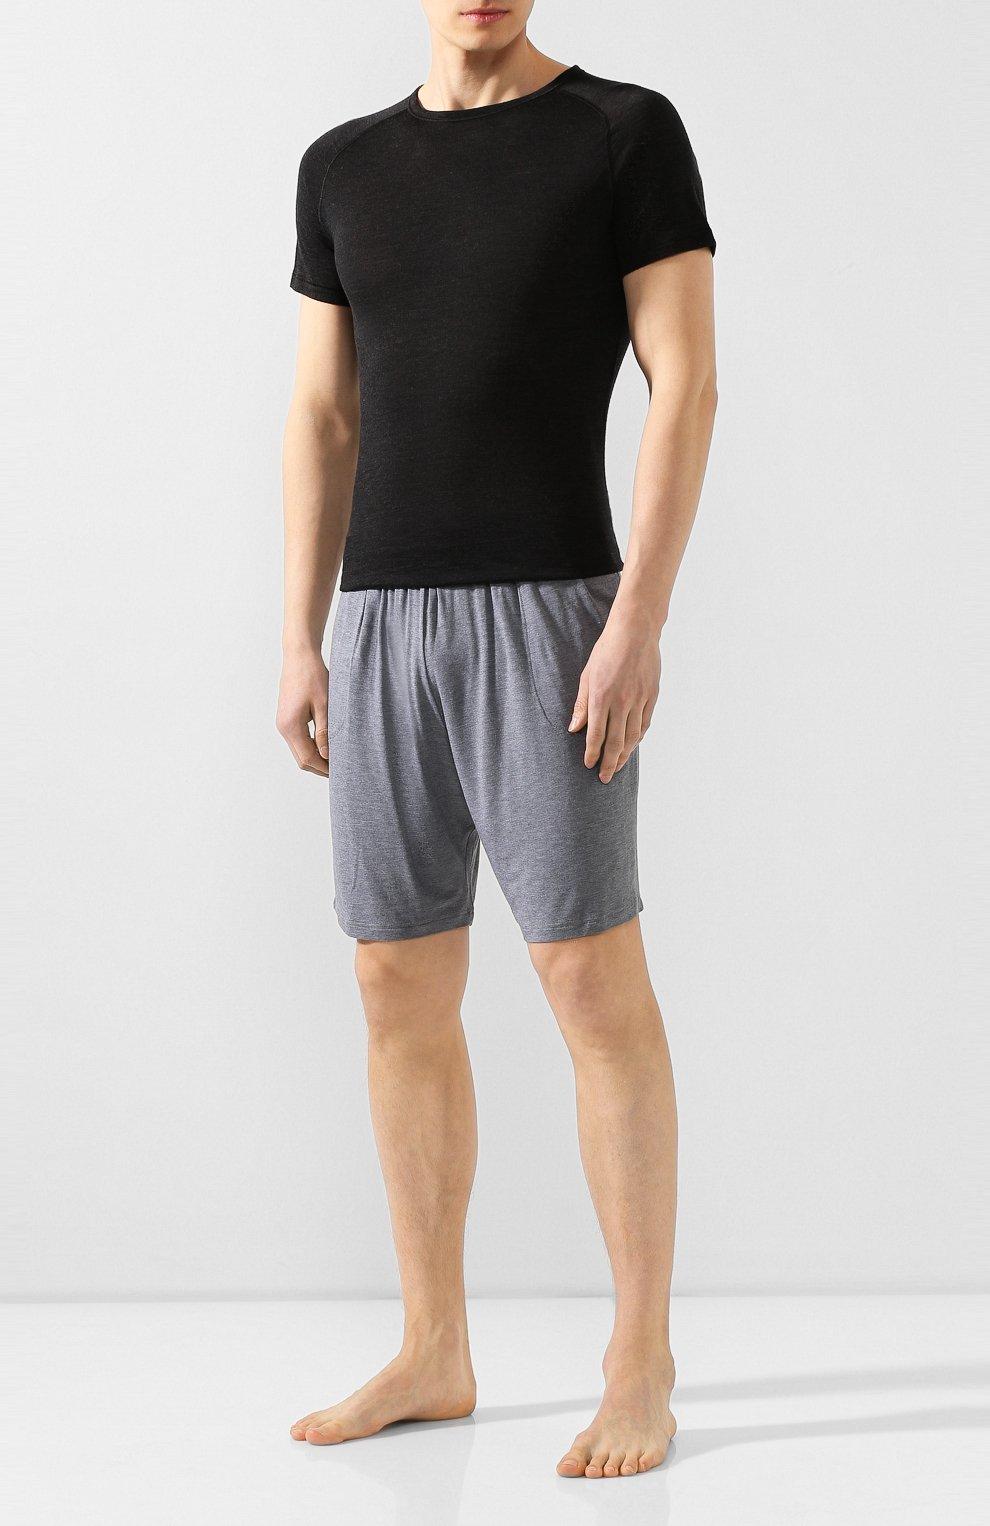 Мужская футболка из смеси шерсти и шелка FALKE темно-серого цвета, арт. 33423   Фото 2 (Материал внешний: Шерсть, Шелк; Кросс-КТ: домашняя одежда; Рукава: Короткие; Длина (для топов): Стандартные; Мужское Кросс-КТ: Футболка-белье; Статус проверки: Проверена категория)